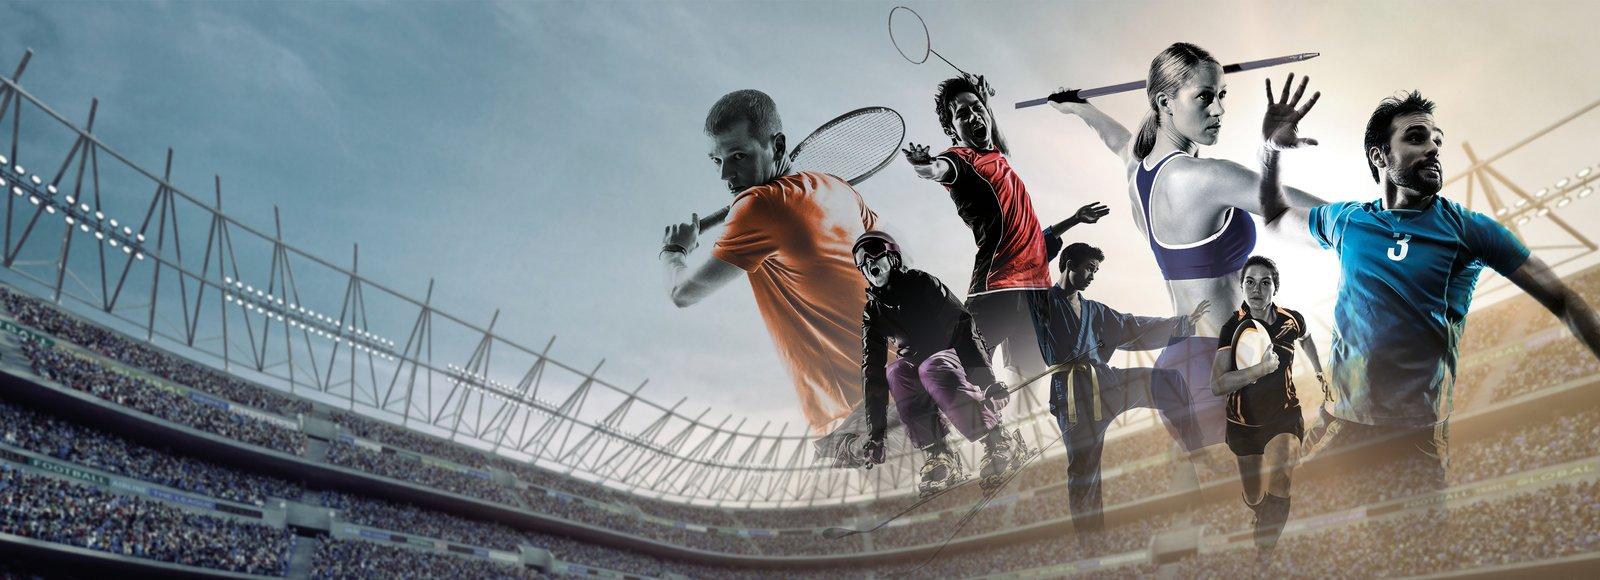 ProAction - za izjemne športne rezultate